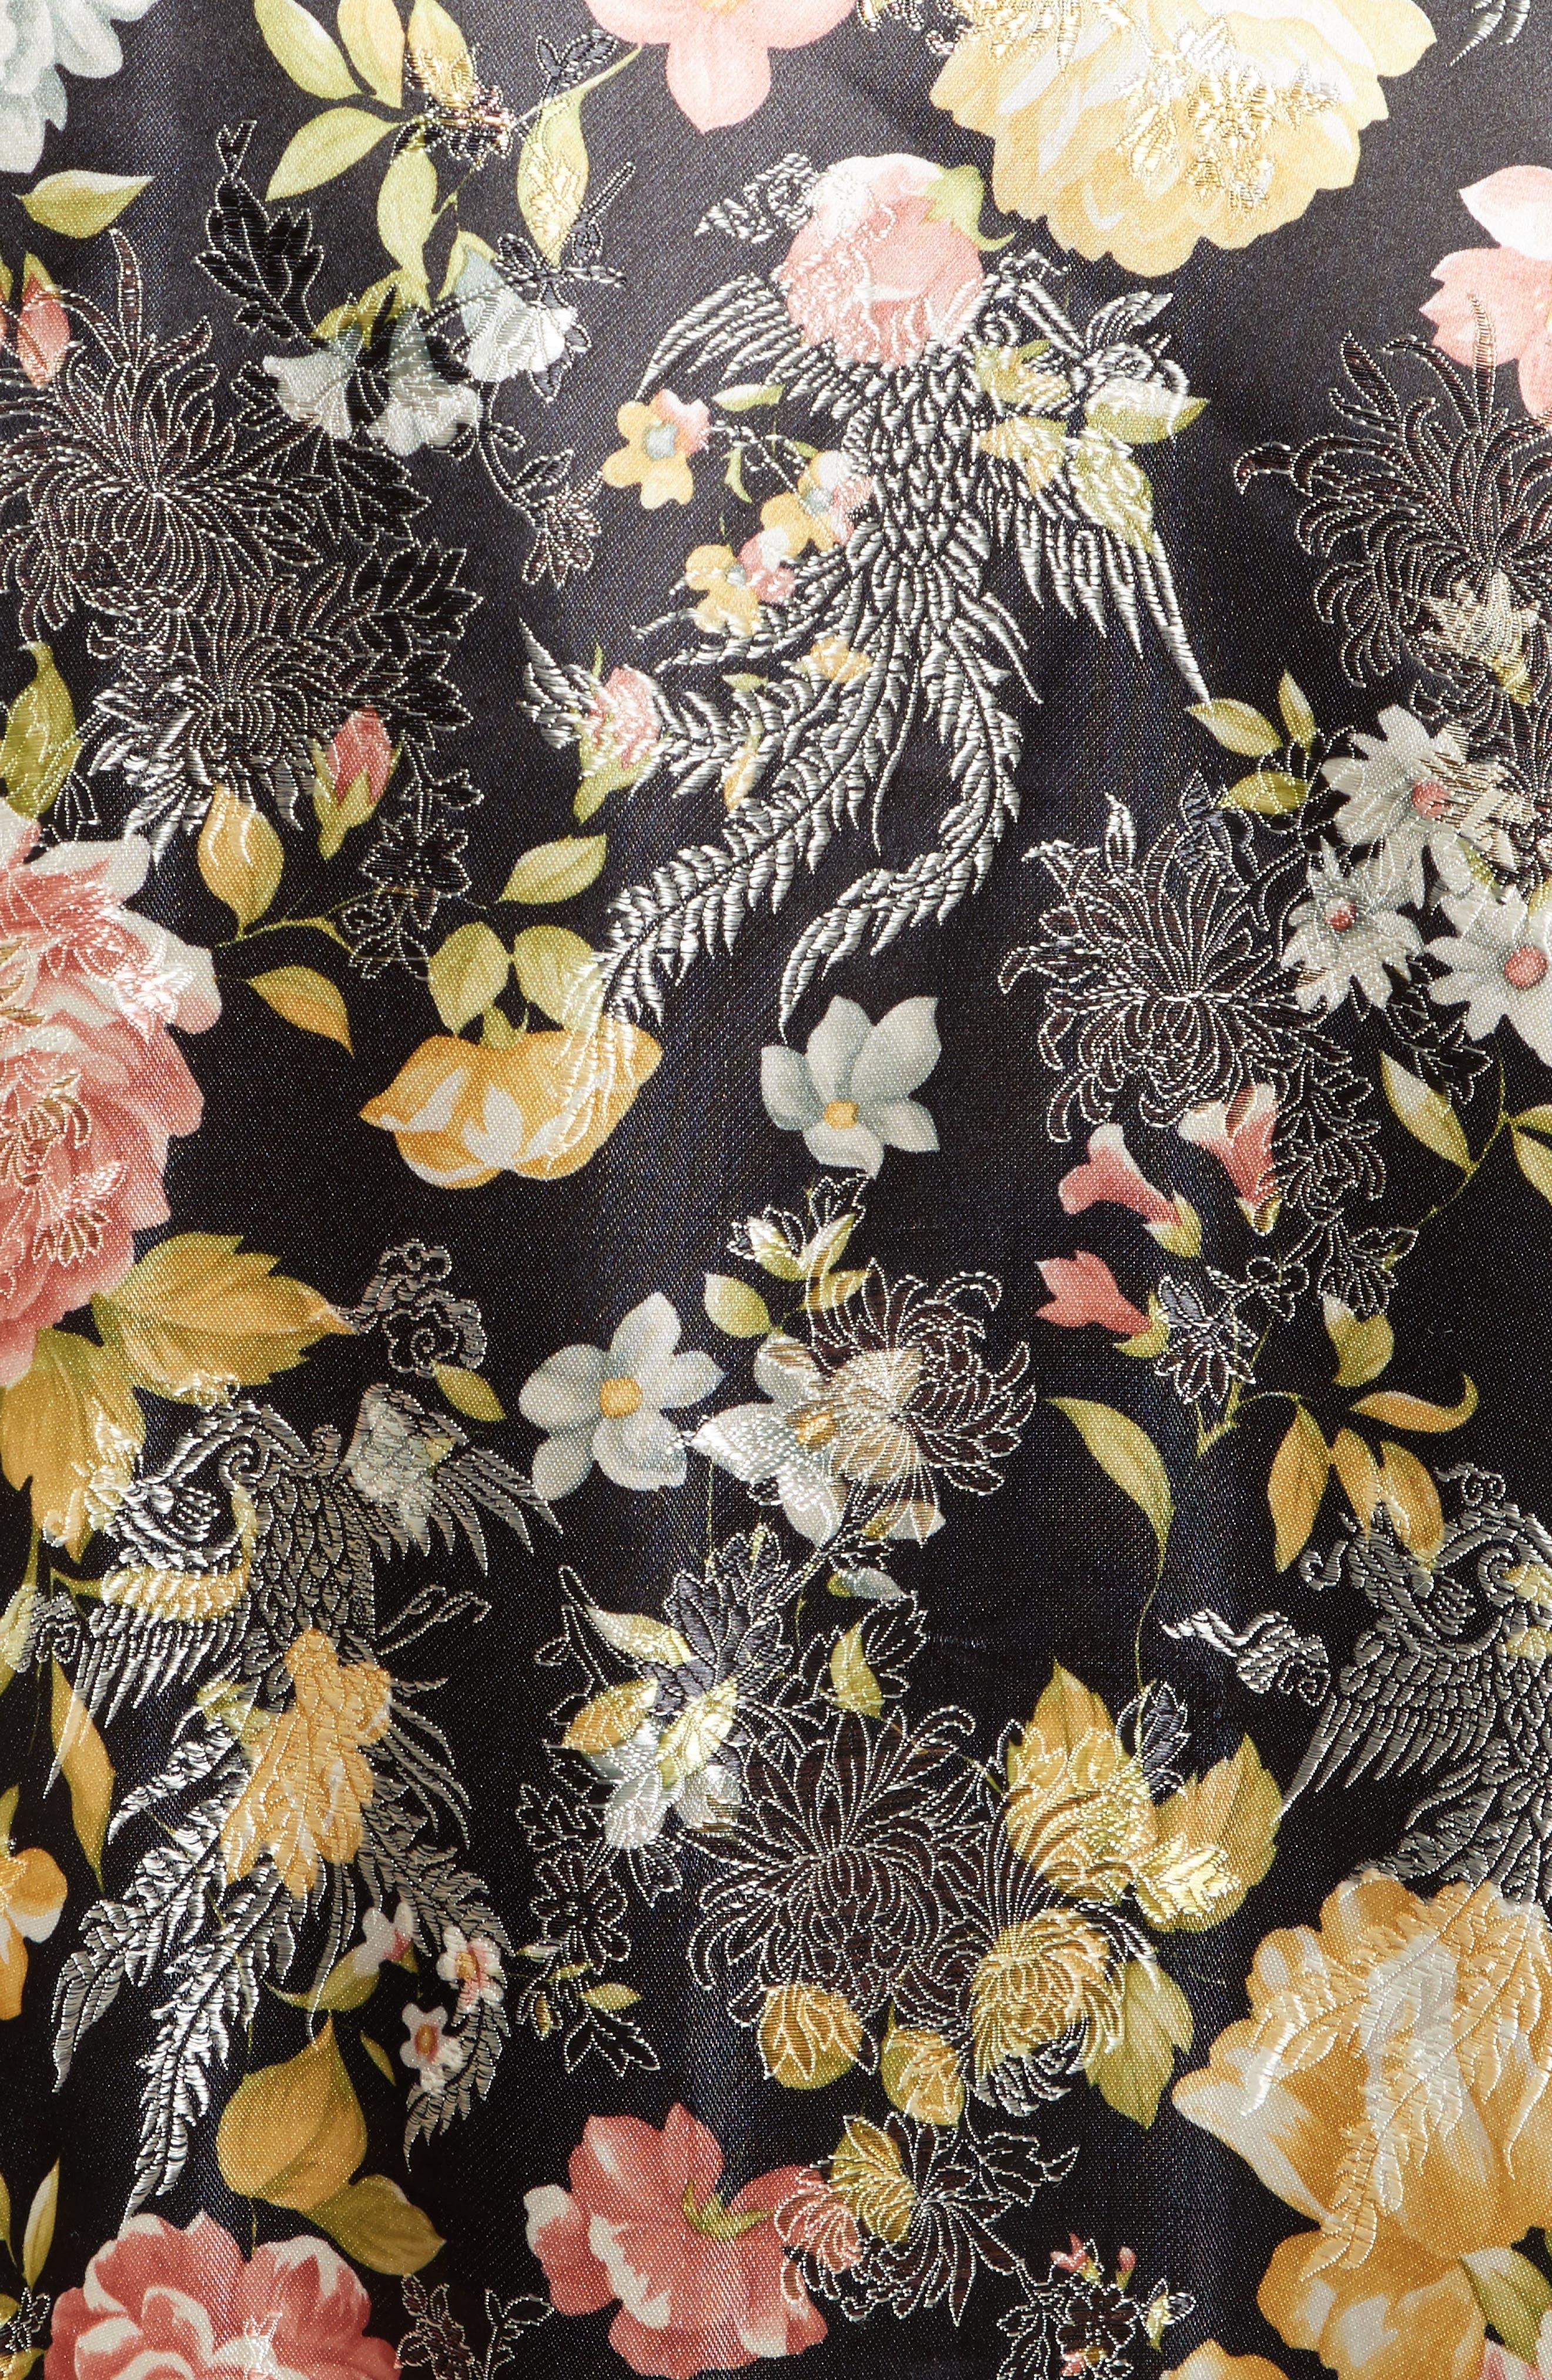 Floral Jacquard Bomber Jacket,                             Alternate thumbnail 5, color,                             Black Combo